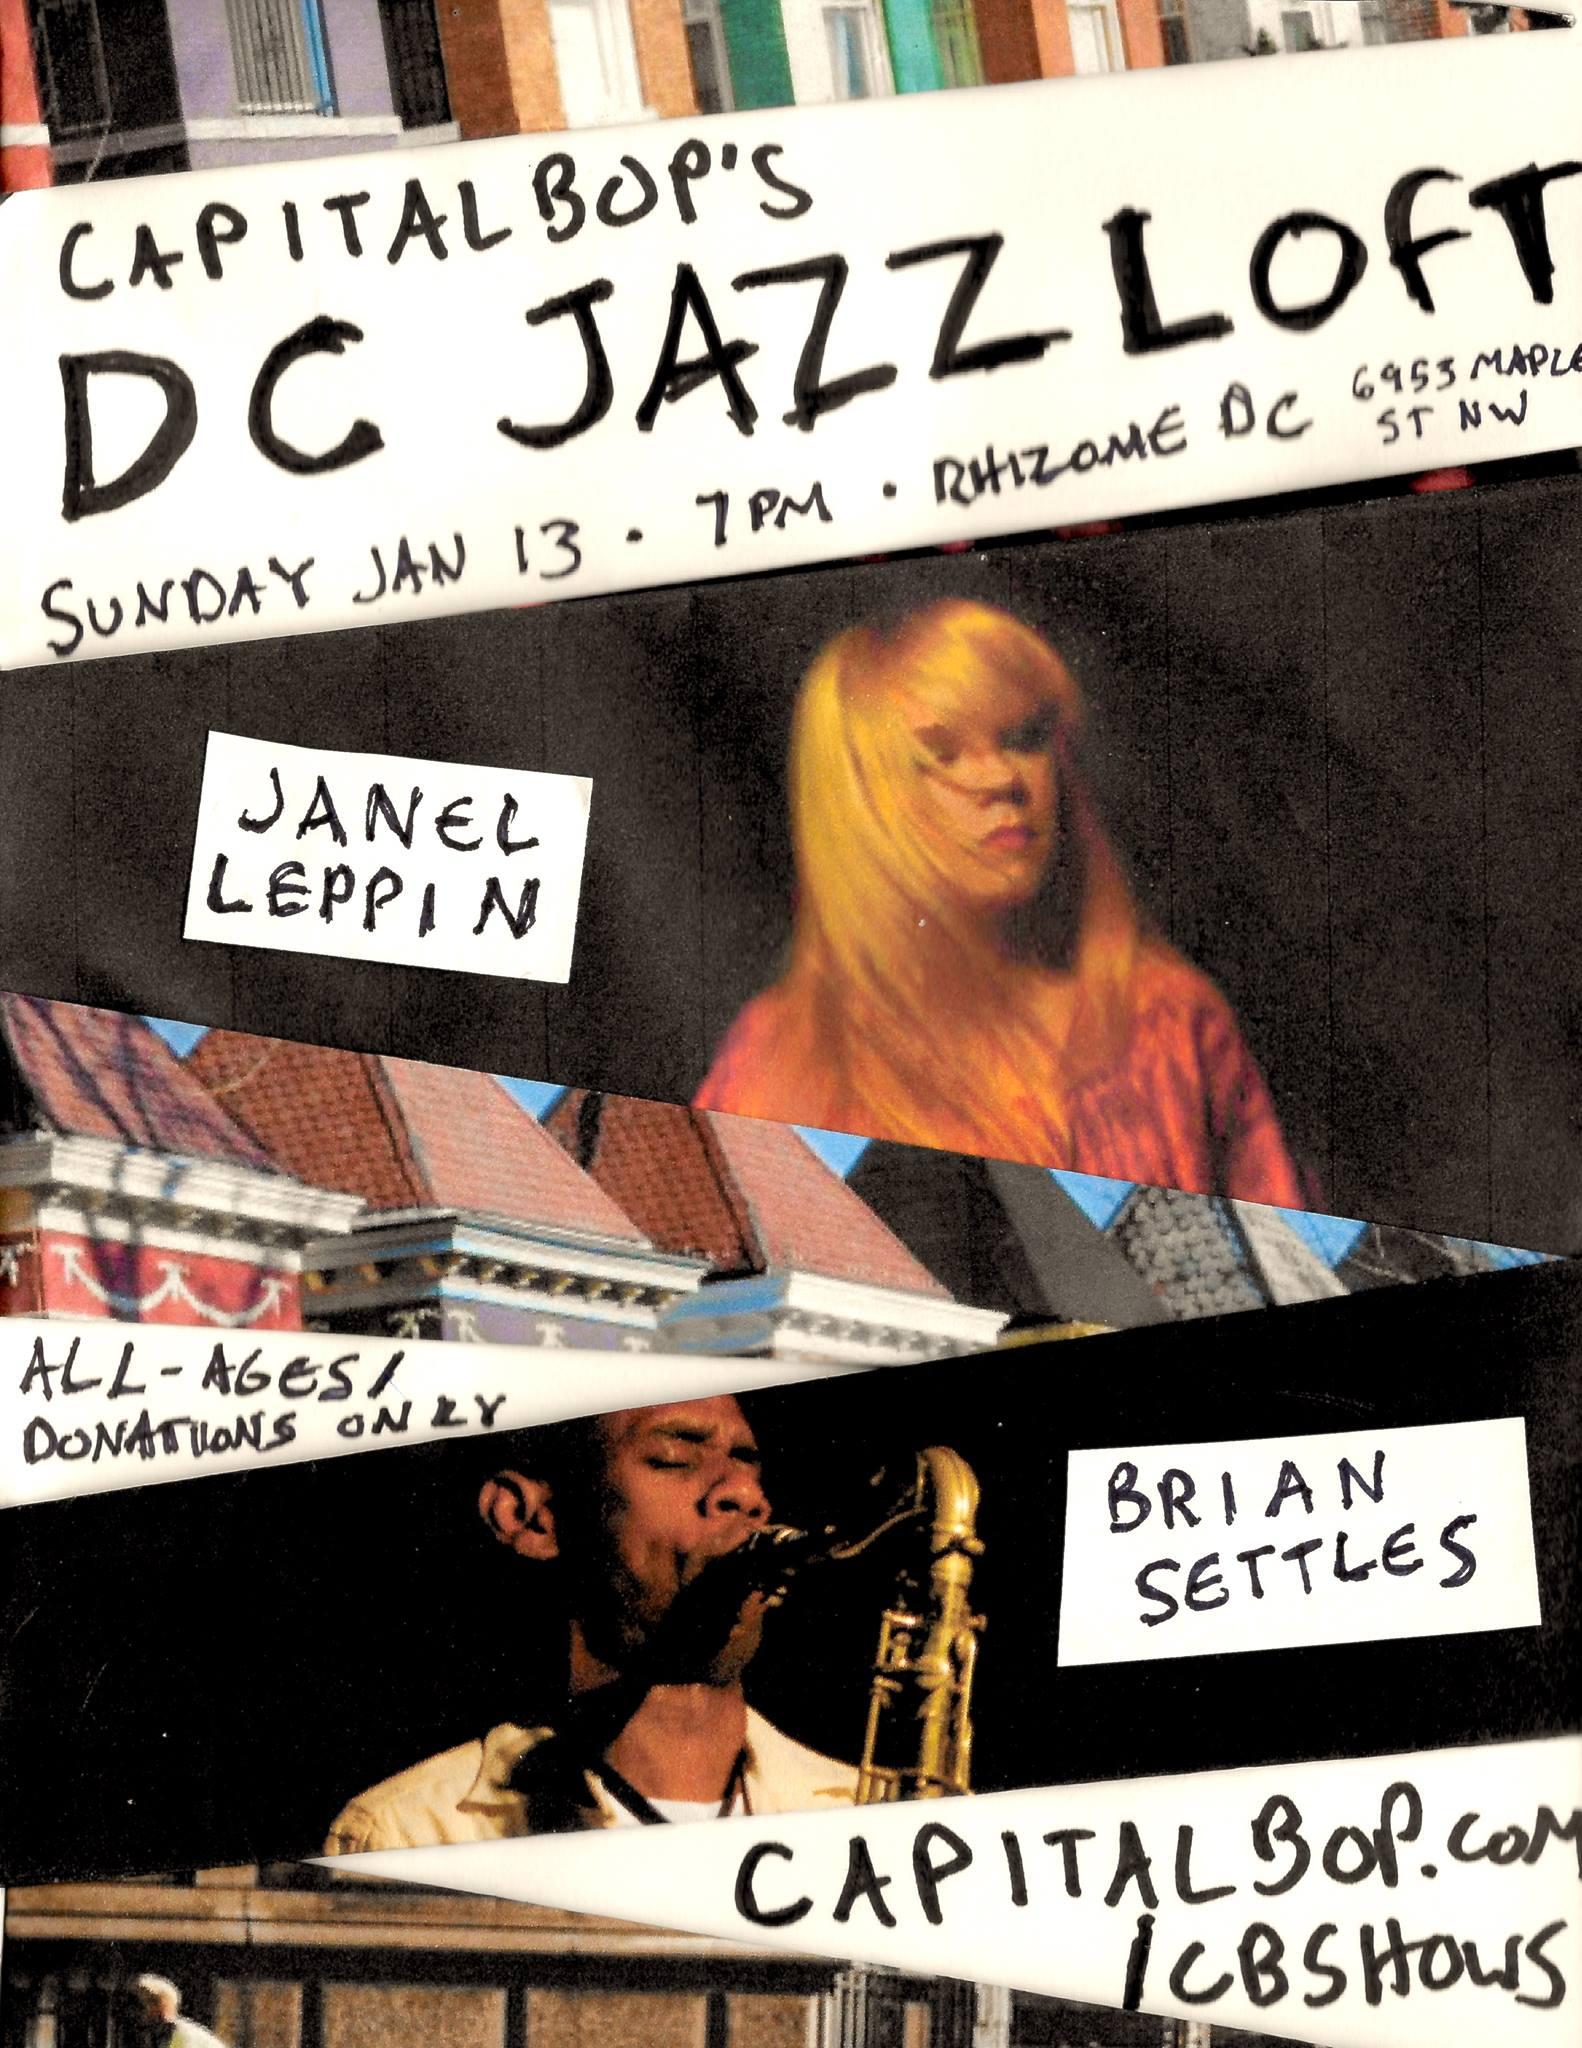 jazz loft.jpg